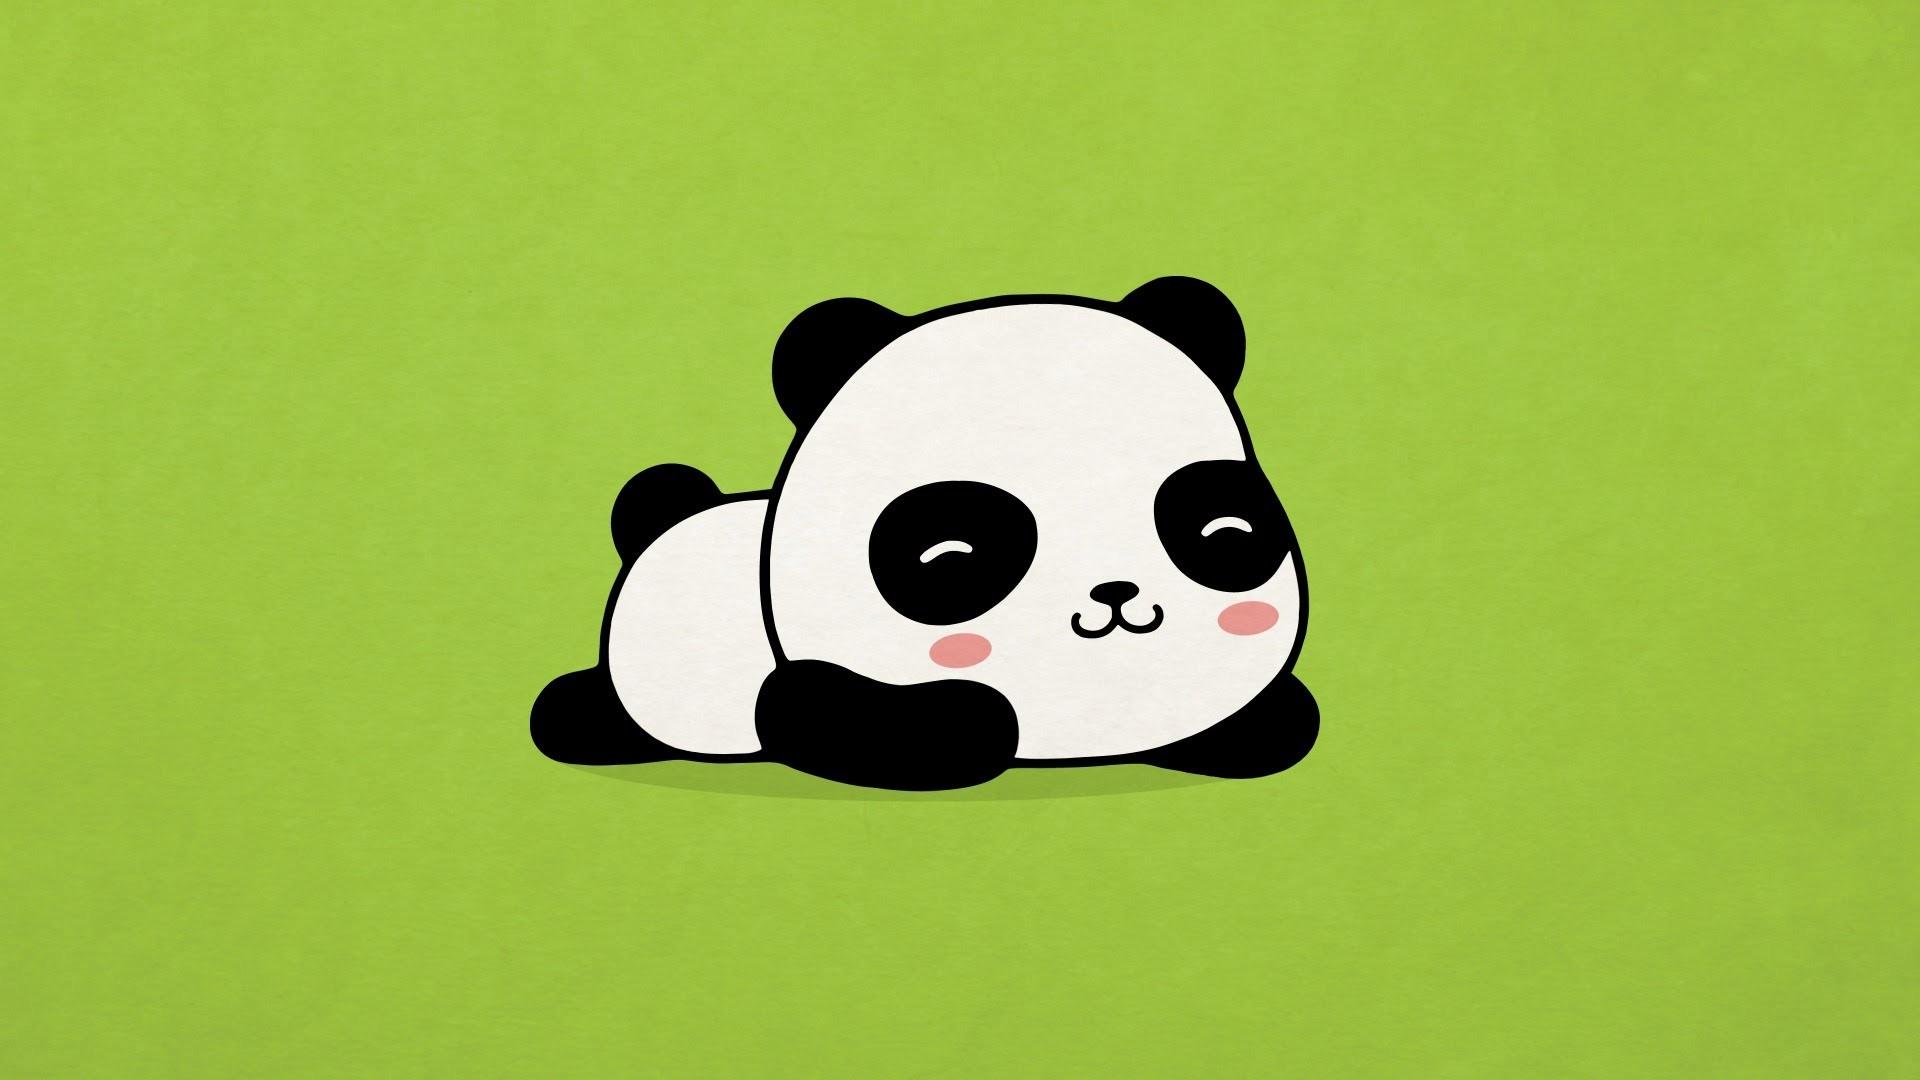 Cute Girl Wallpapers For Iphone Kawaii Tare Panda Wallpaper 183 ①